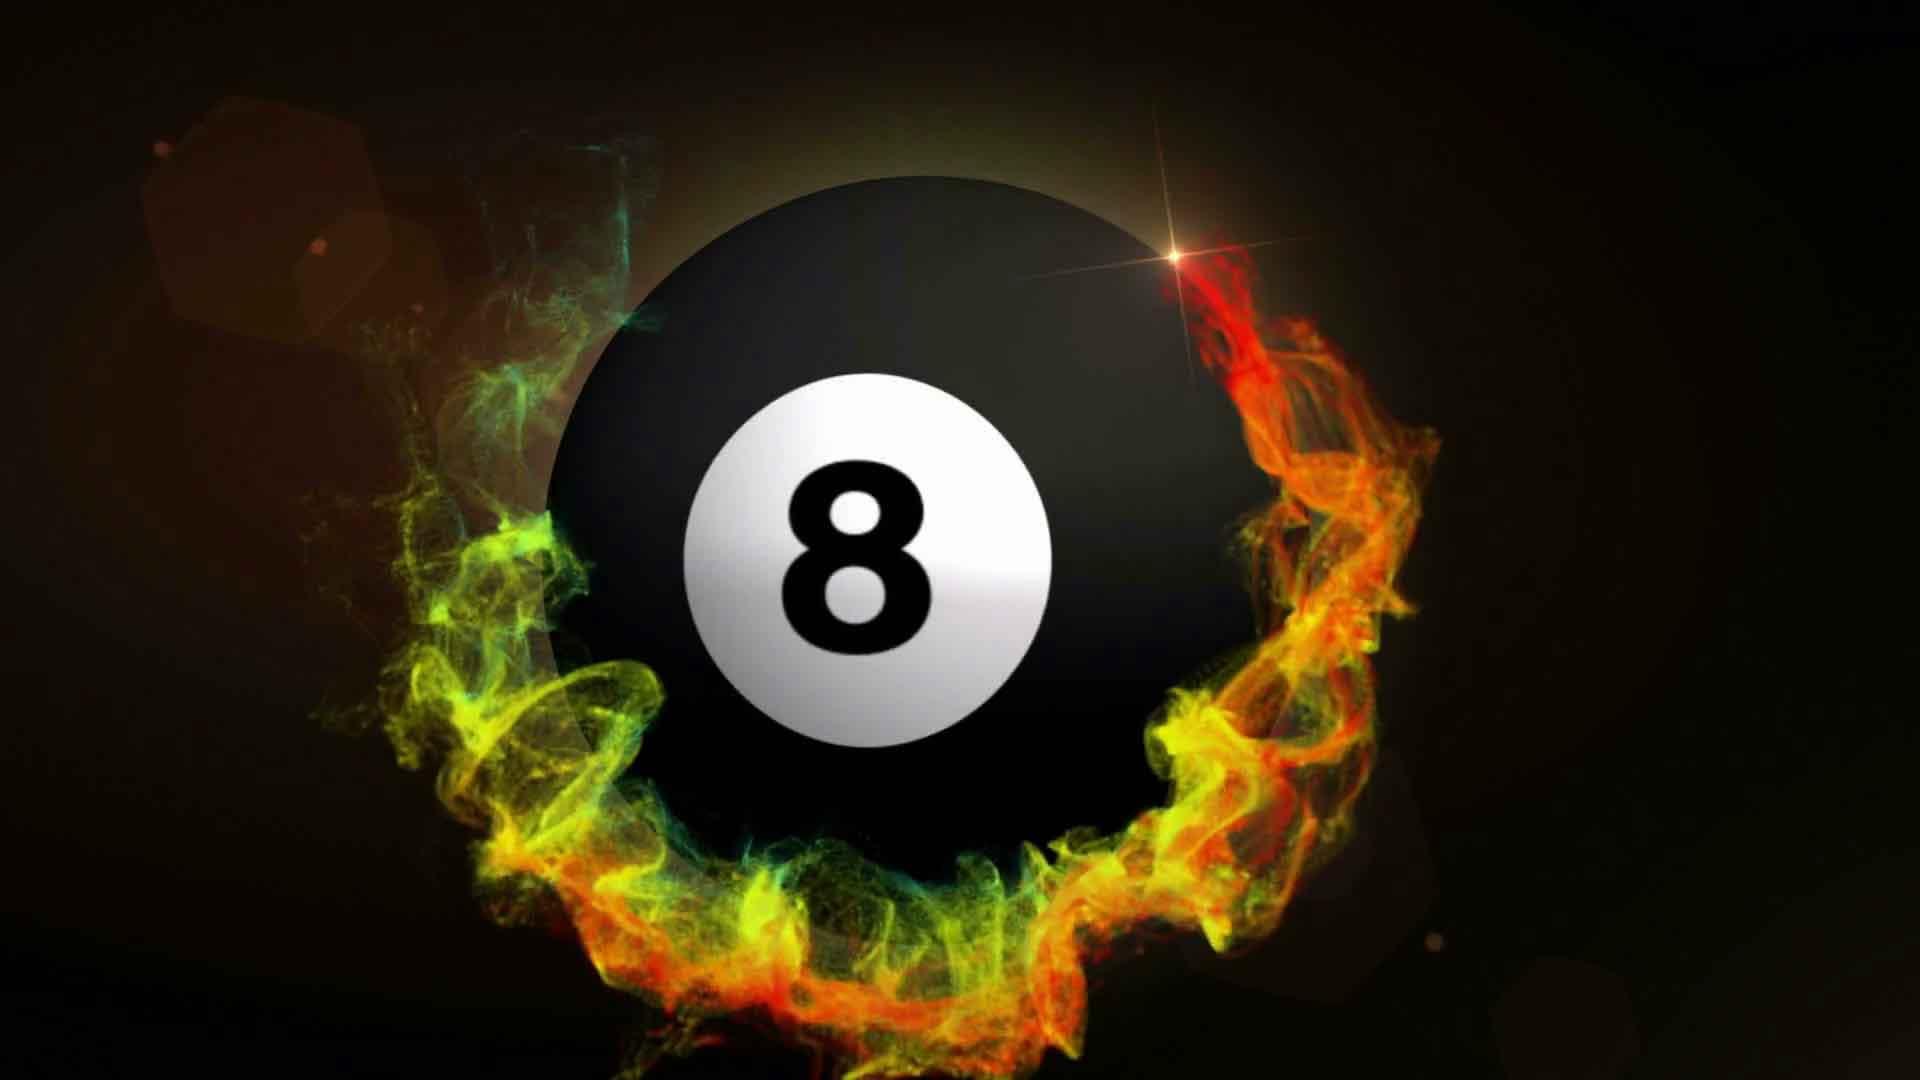 Rüyada 8 sayısını görmek islami 2